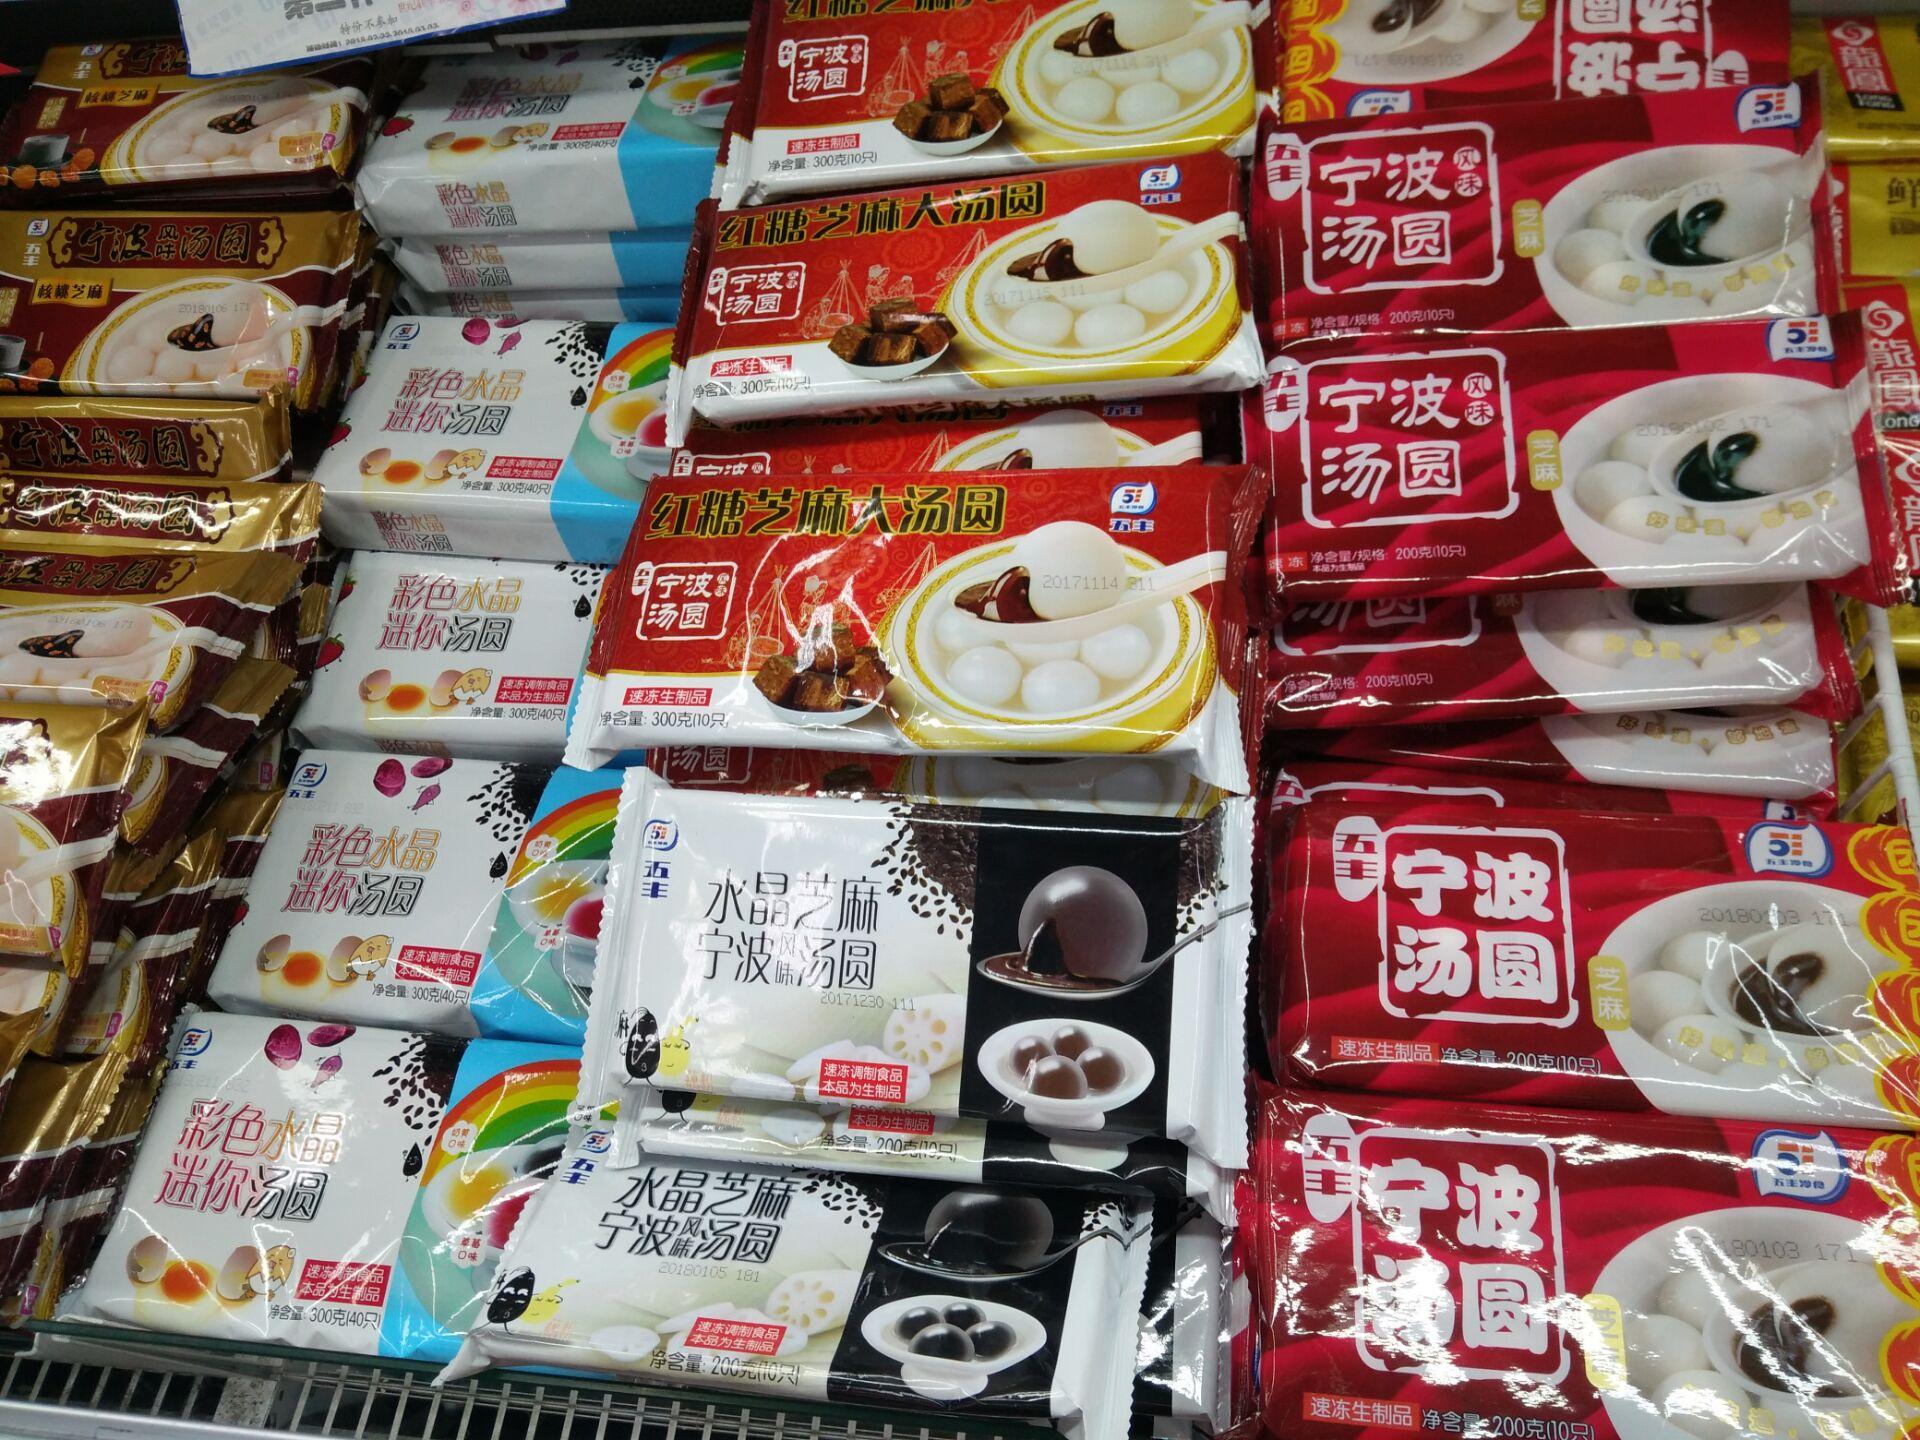 速冻设备市场品类多样 水饺加工企业该如何选择?